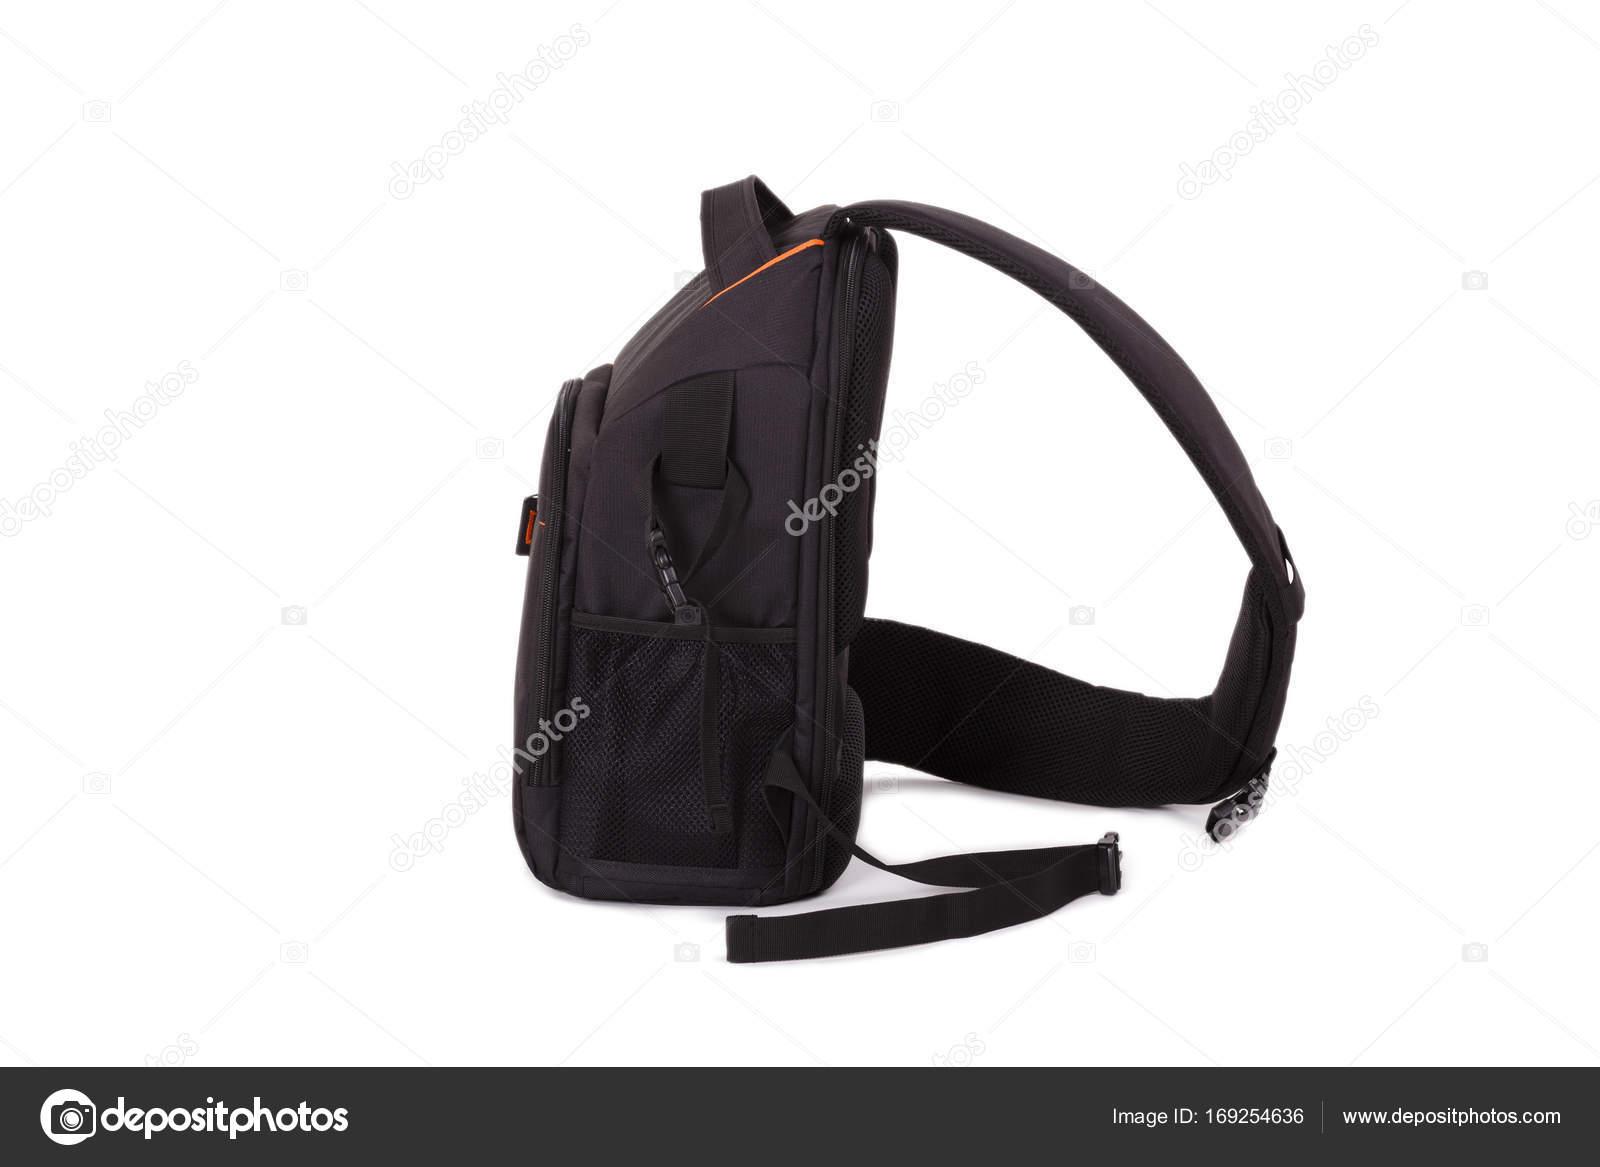 78275557900aa Schwarze Tasche für Kamera isoliert auf weißem Hintergrund — Stockfoto